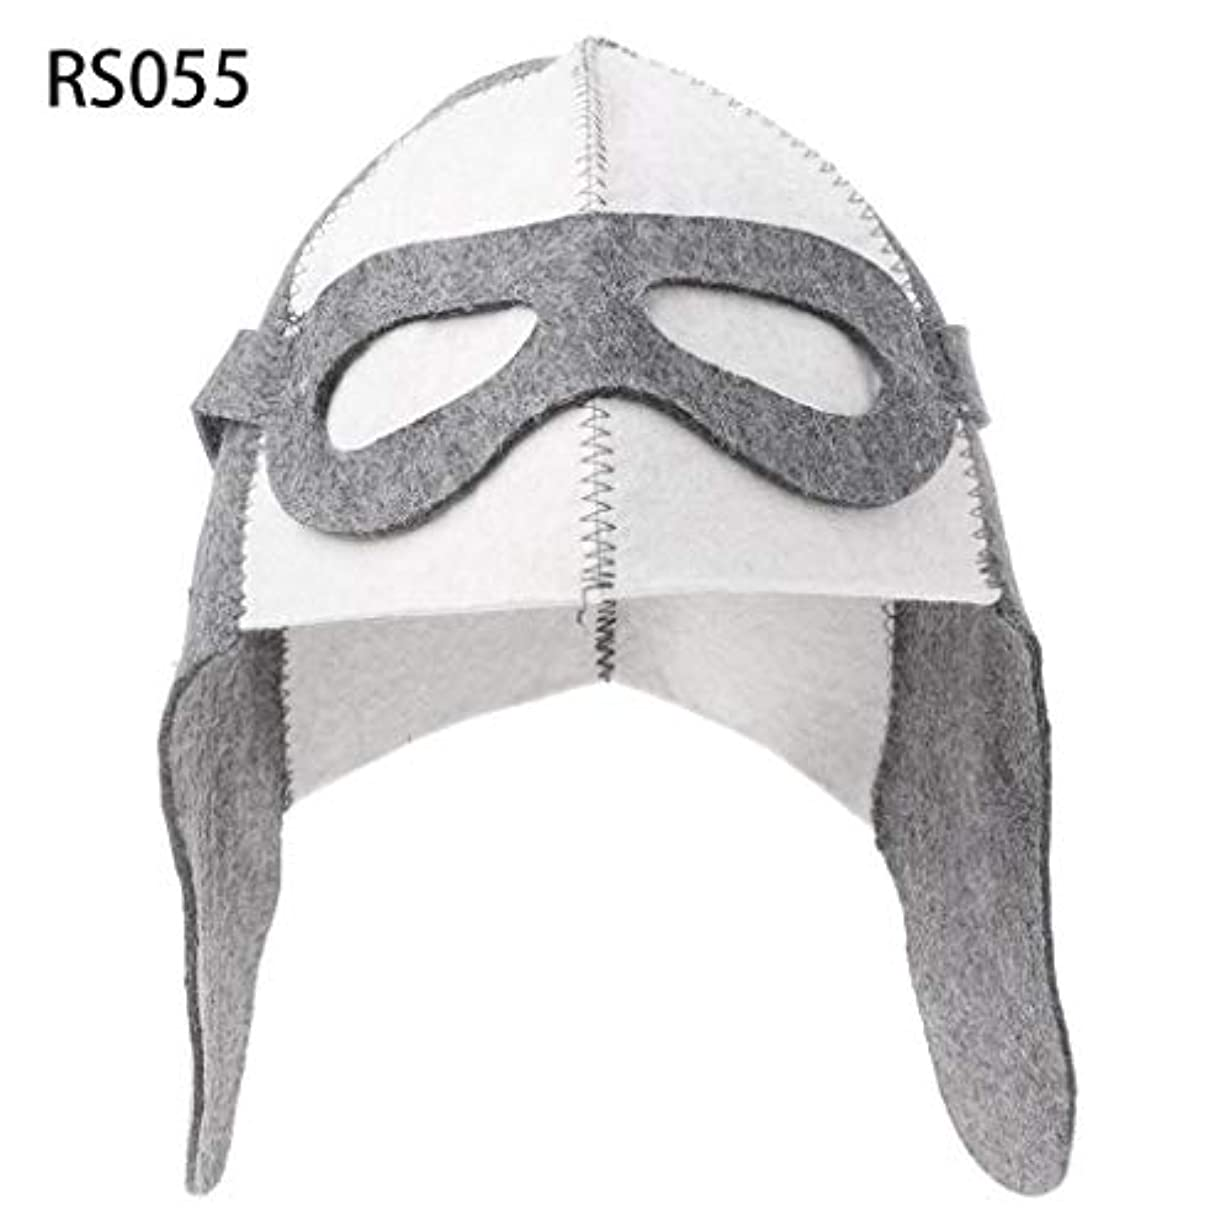 アンデス山脈騒乱トラブルLANDUMのウールのフェルトのサウナの帽子、浴室の家の頭部の保護のための反熱ロシアのバニヤ帽子